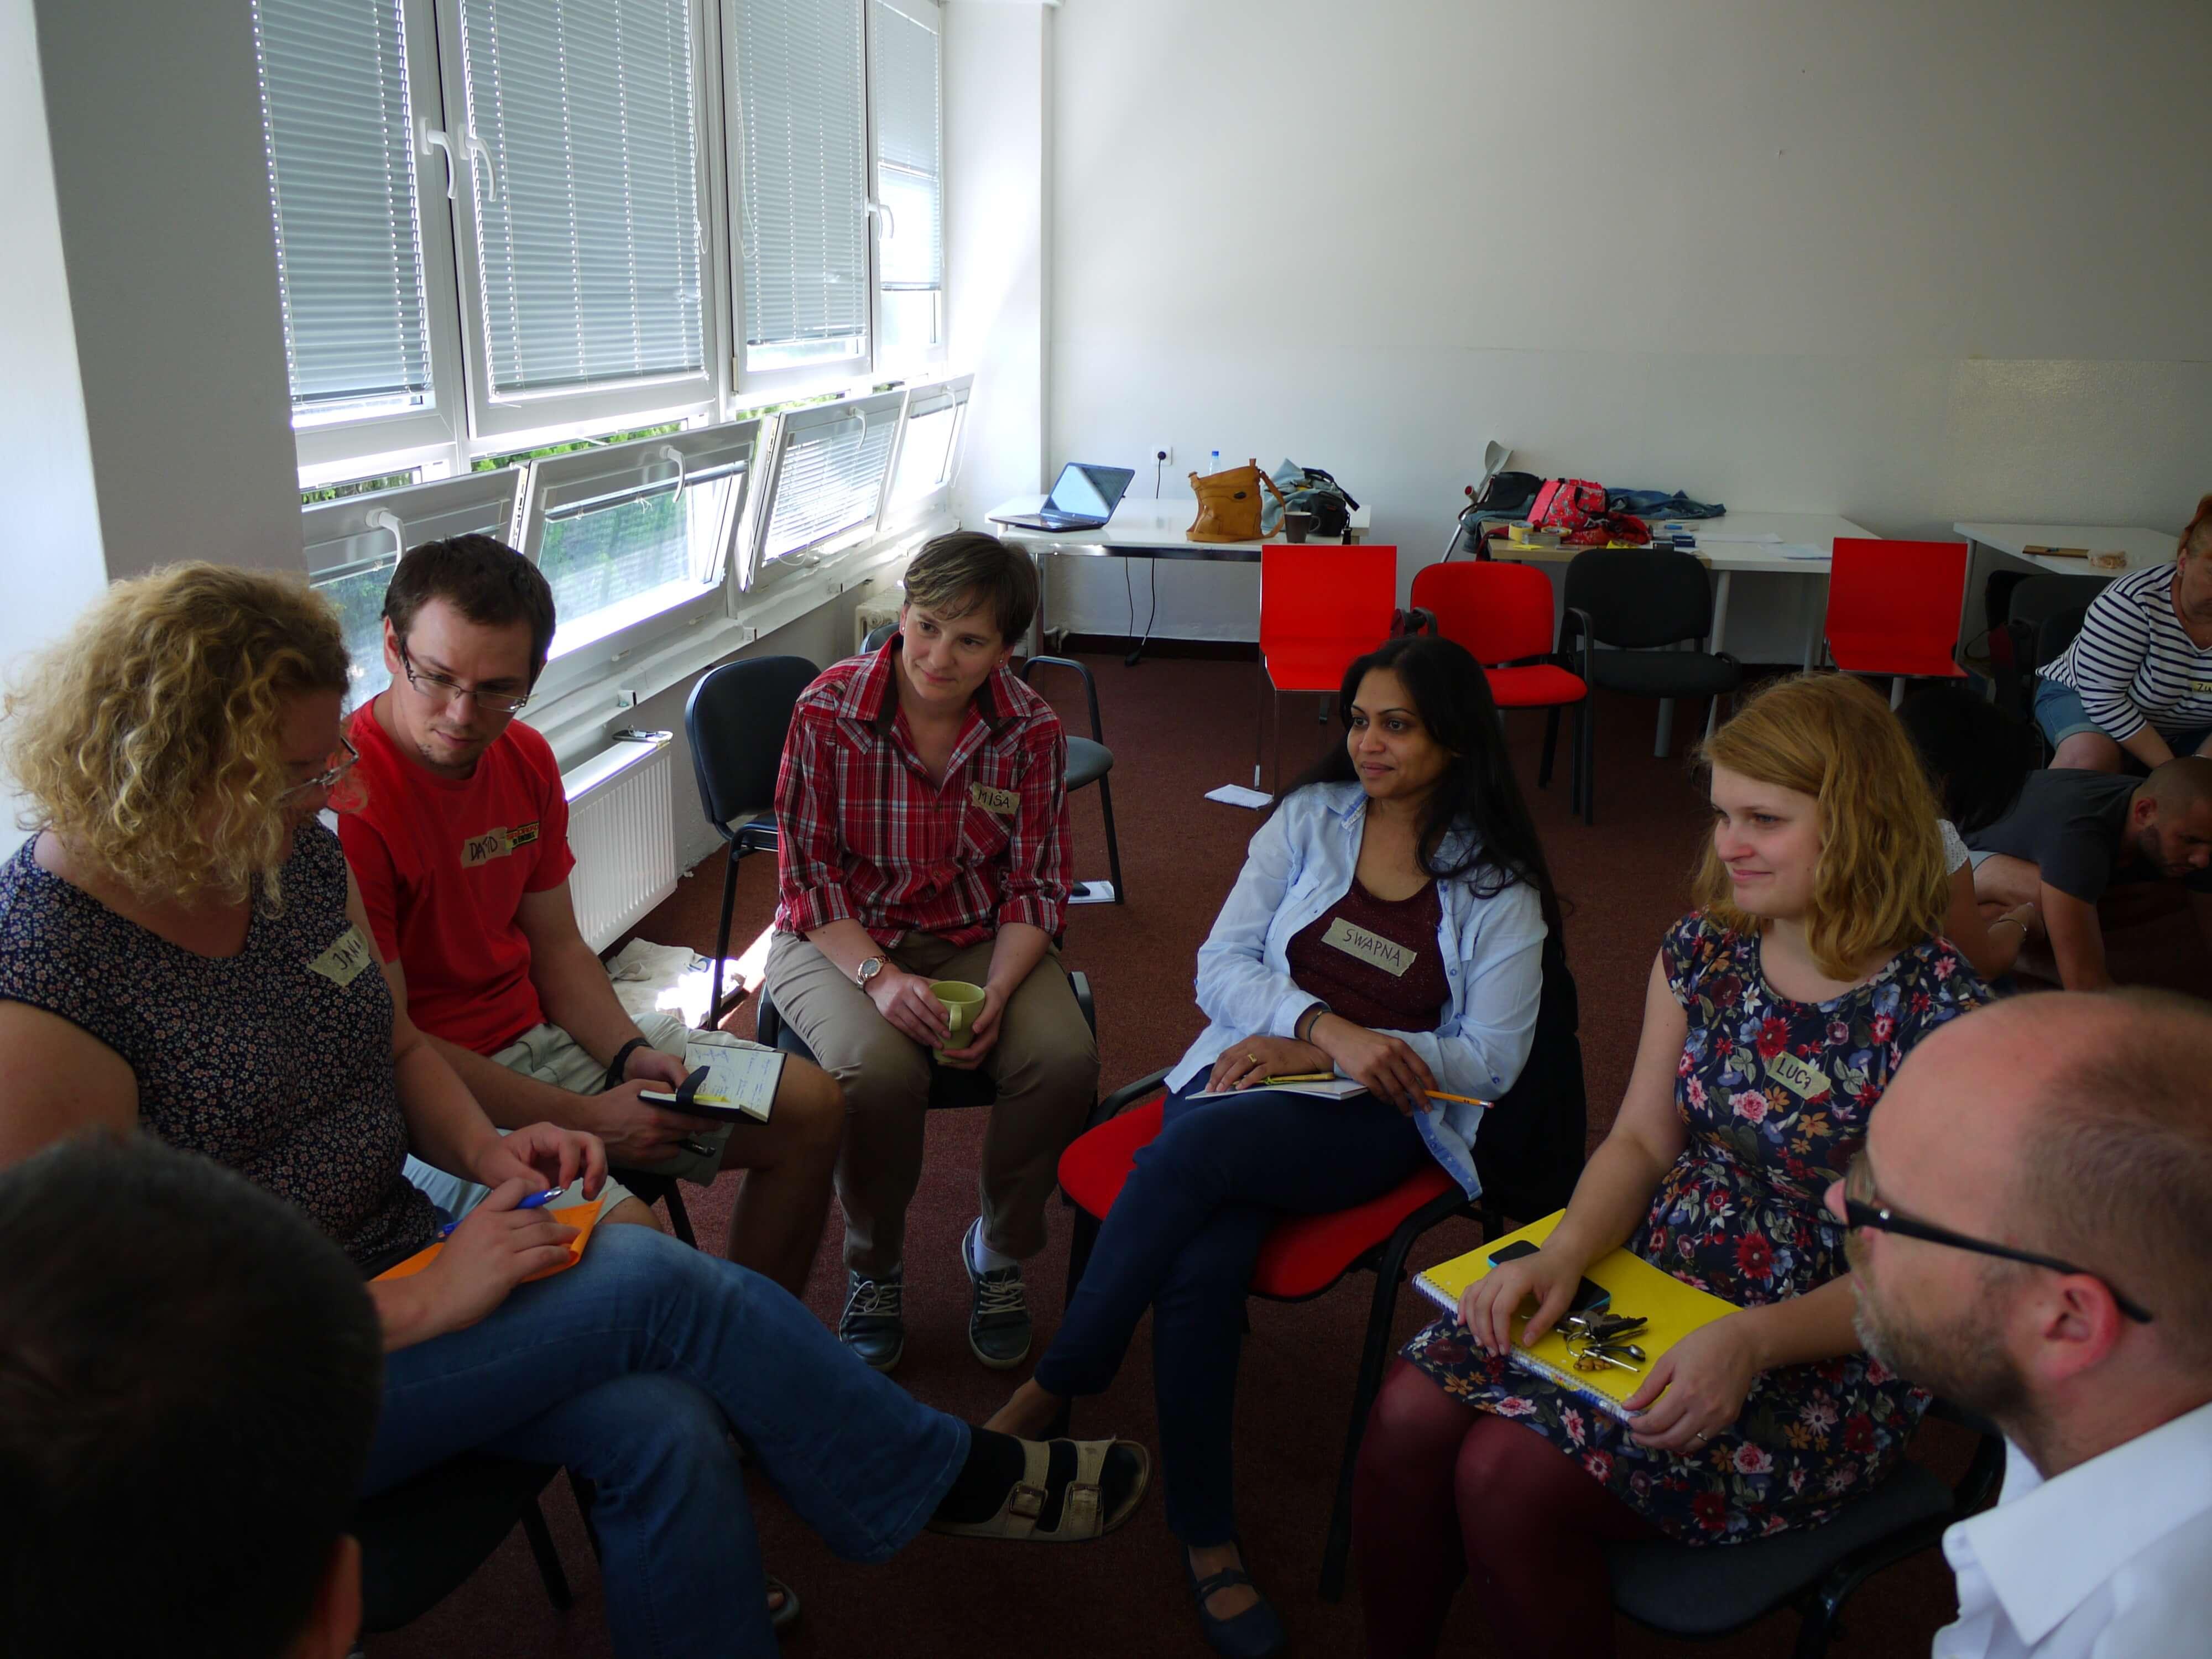 Výzva pre učiteľov: Chcete učiť cez storytelling? Prihláste sa na zážitkové vzdelávanie s EDUMOU